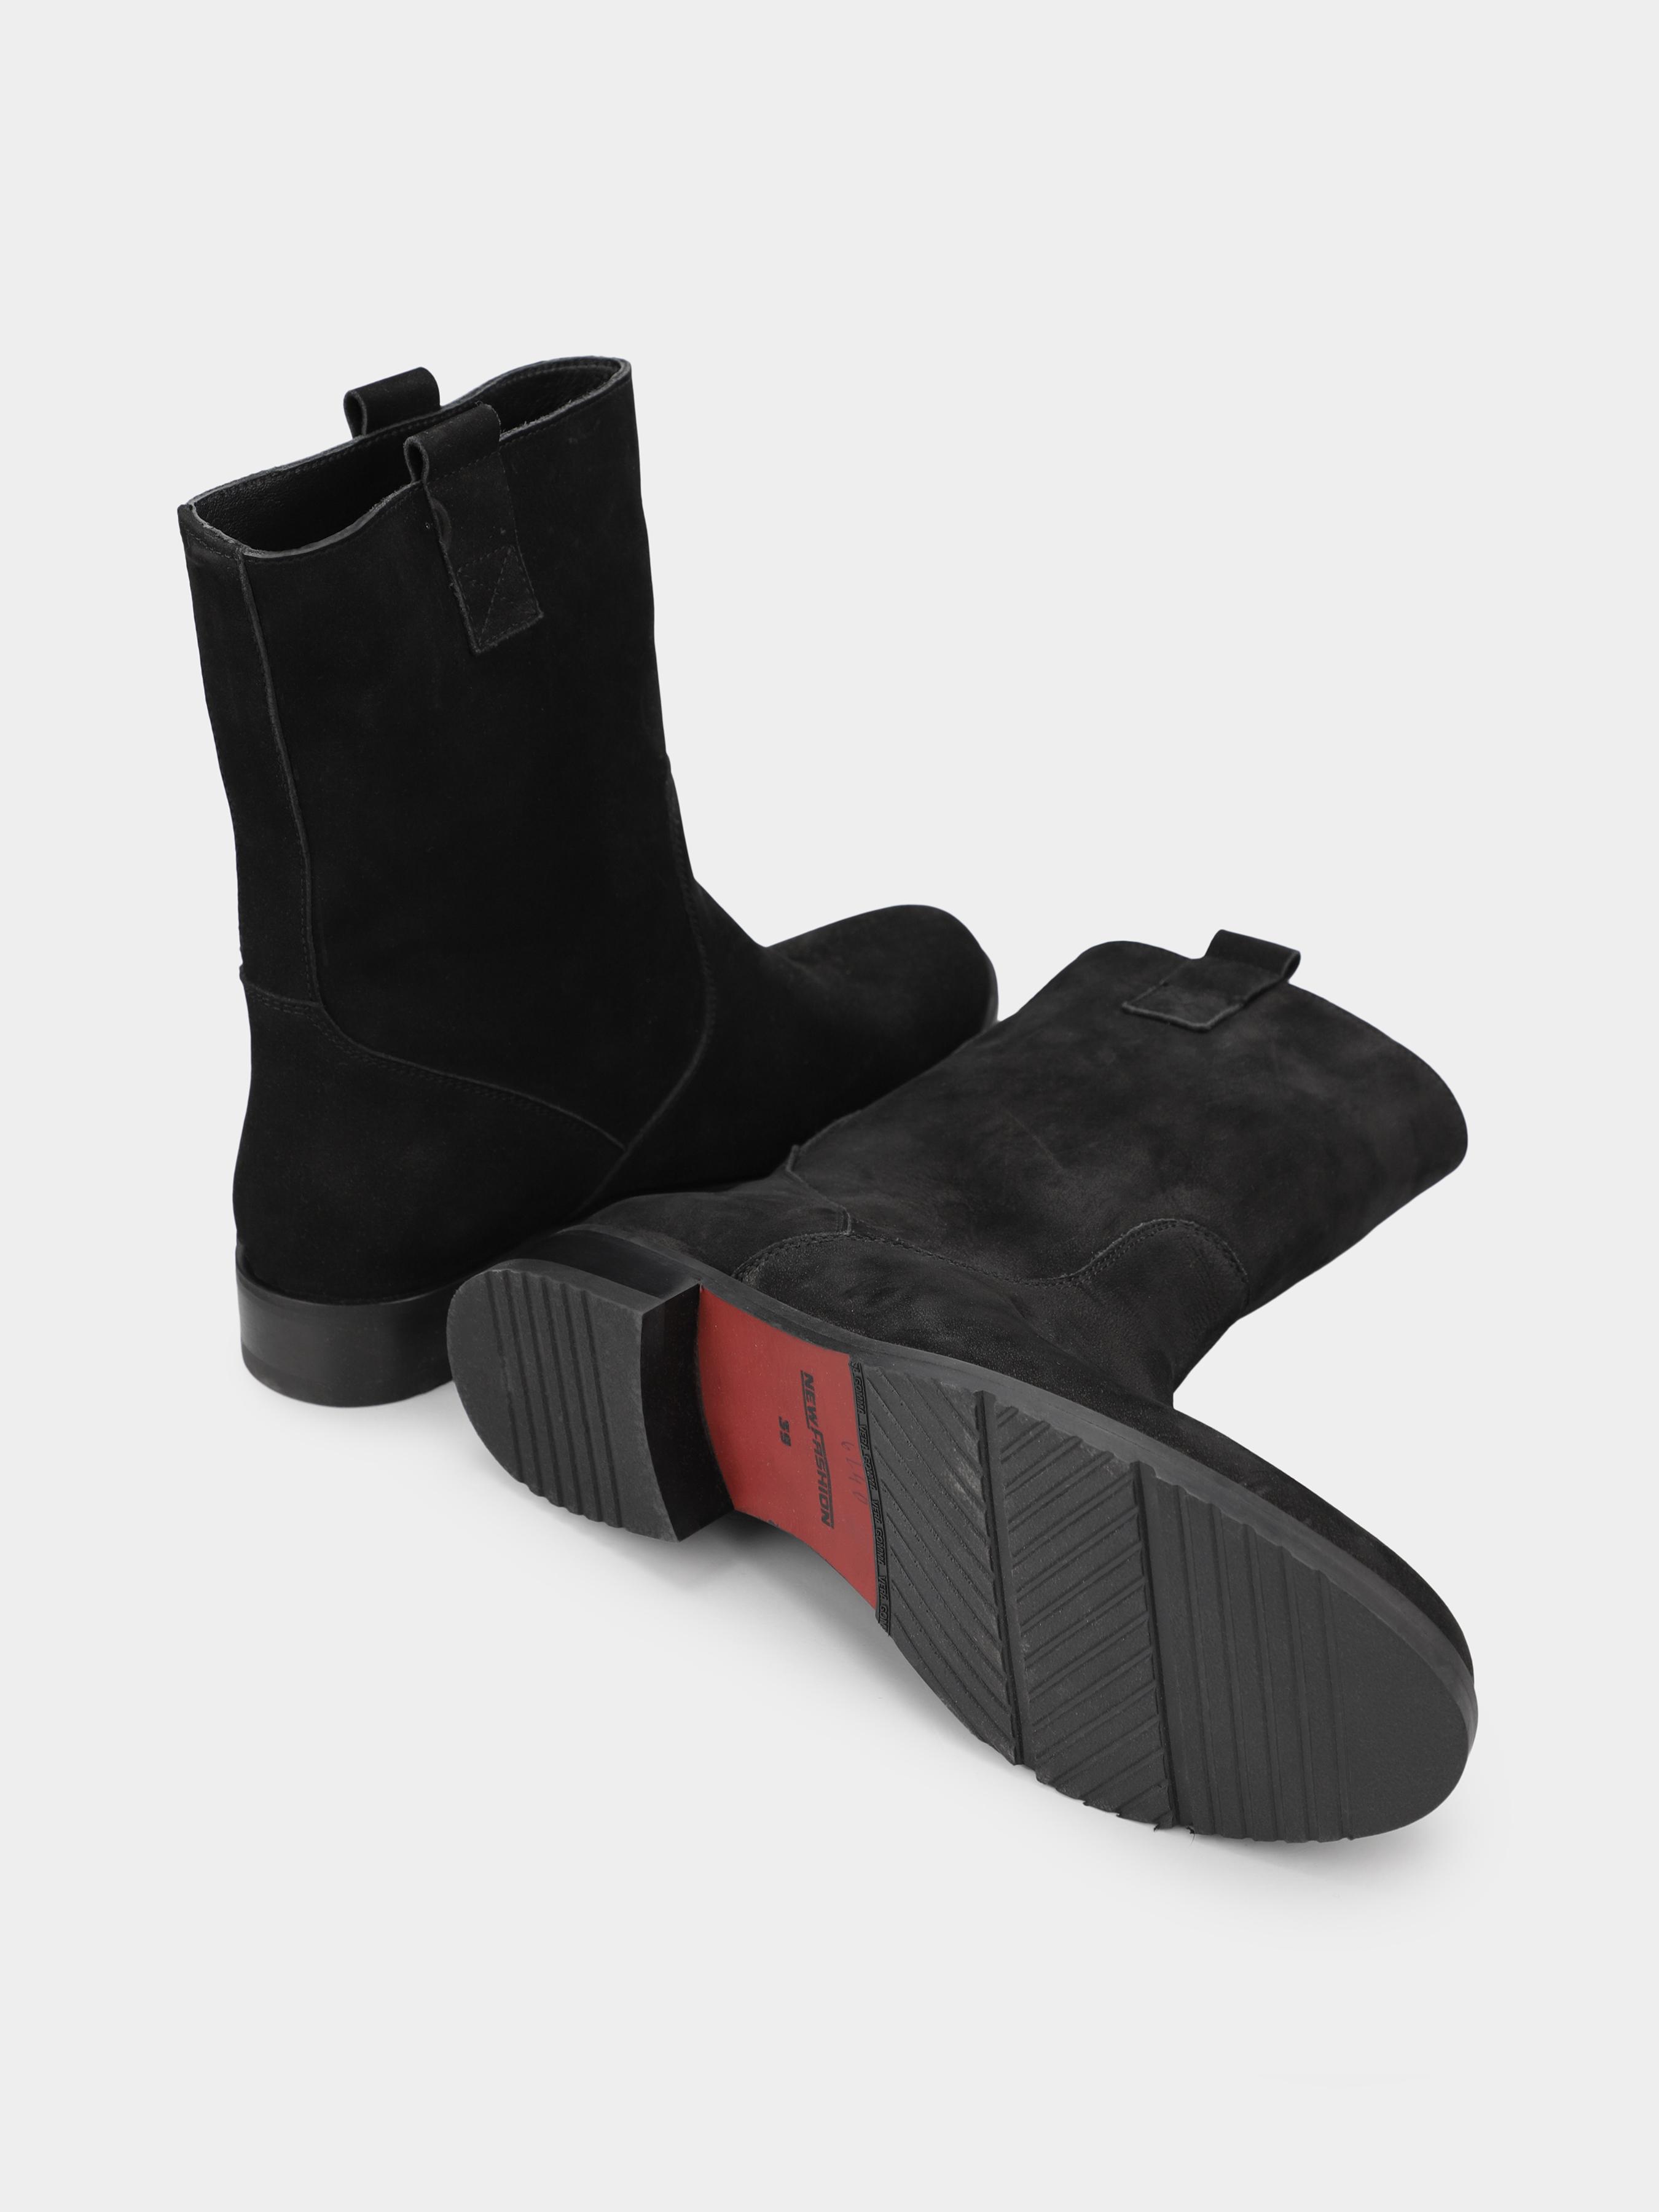 Ботинки для женщин TUTO 6L40 цена, 2017